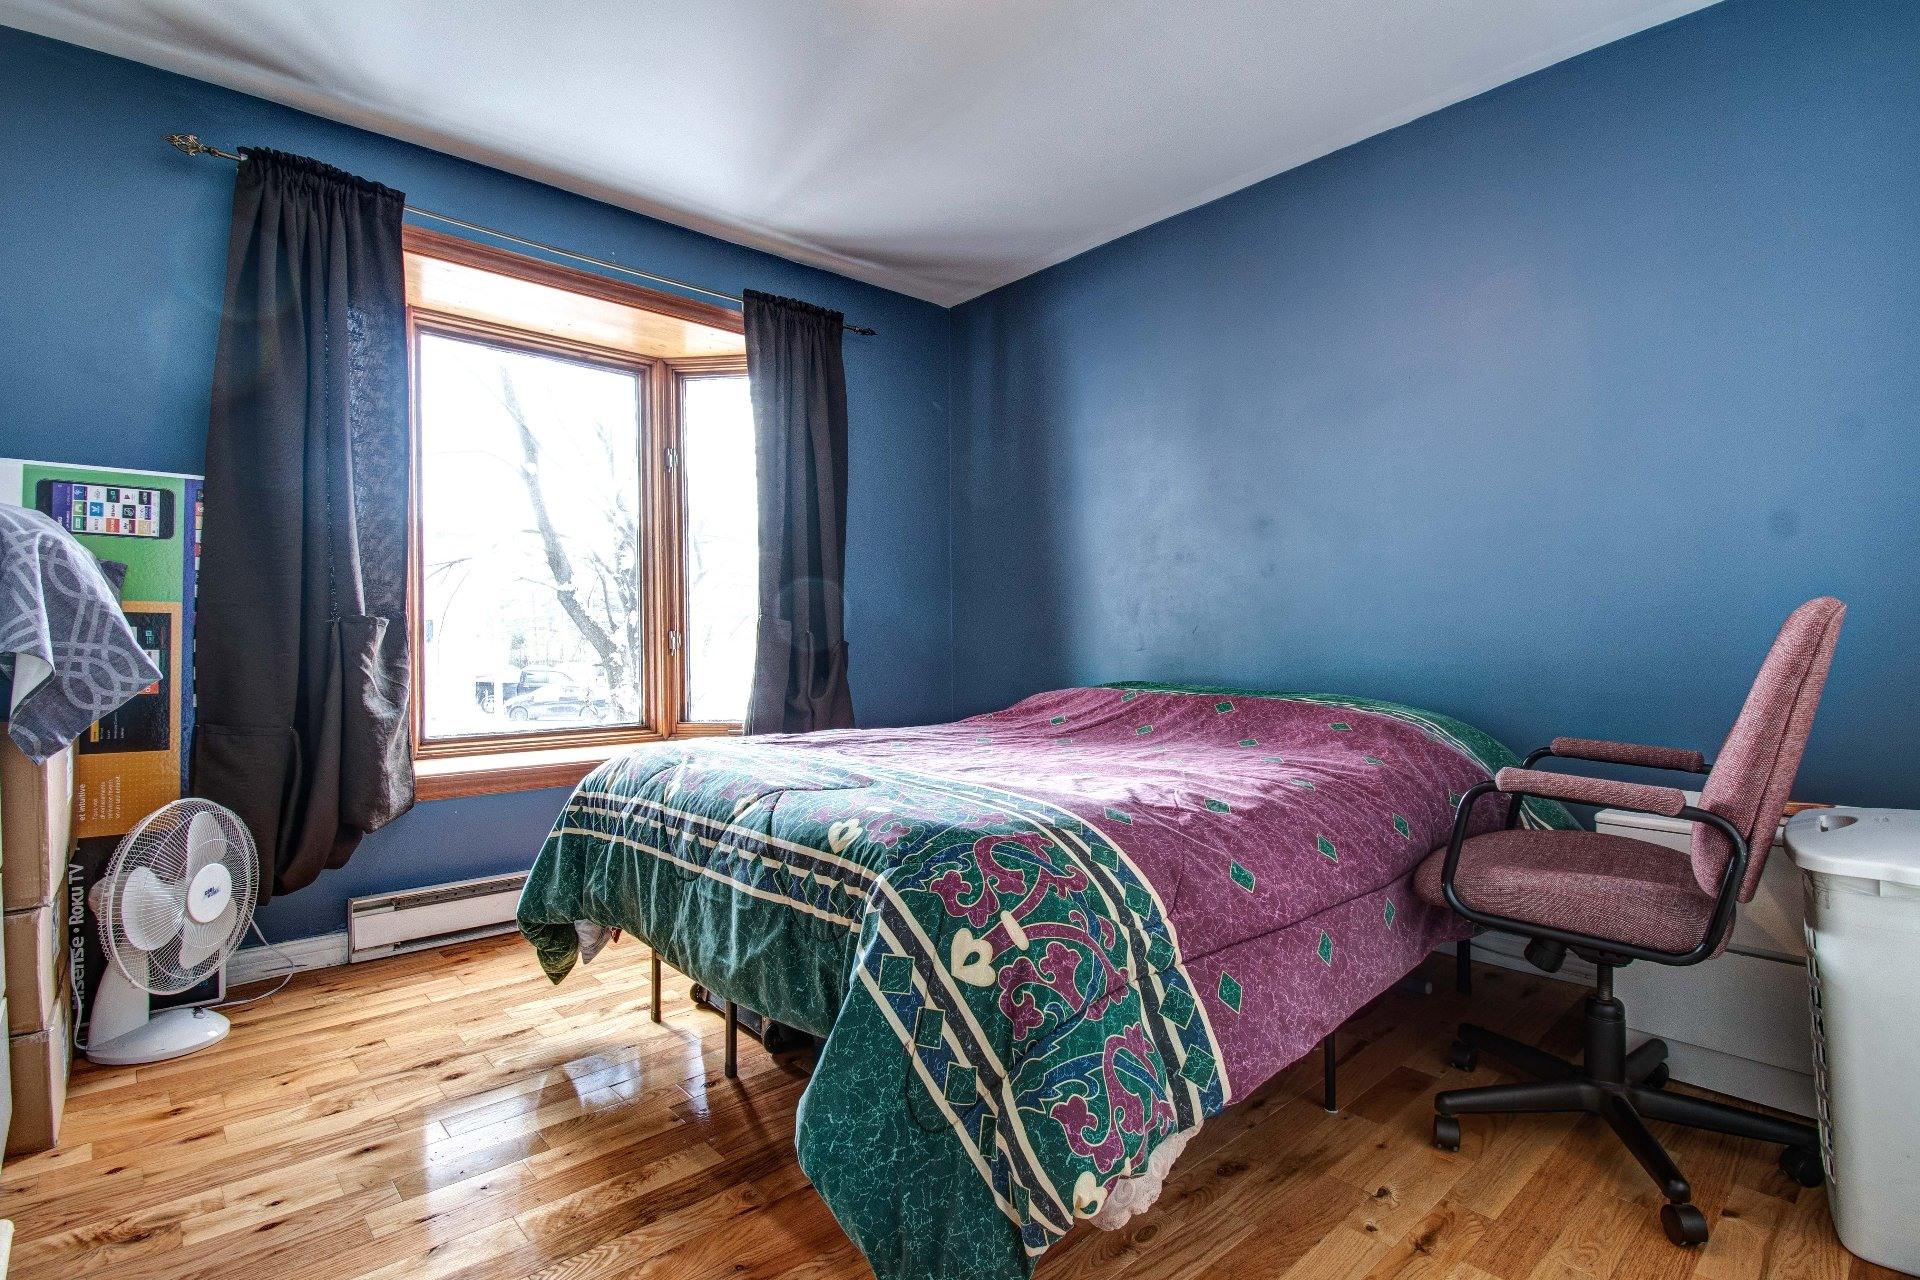 image 10 - Immeuble à revenus À vendre Trois-Rivières - 3 pièces